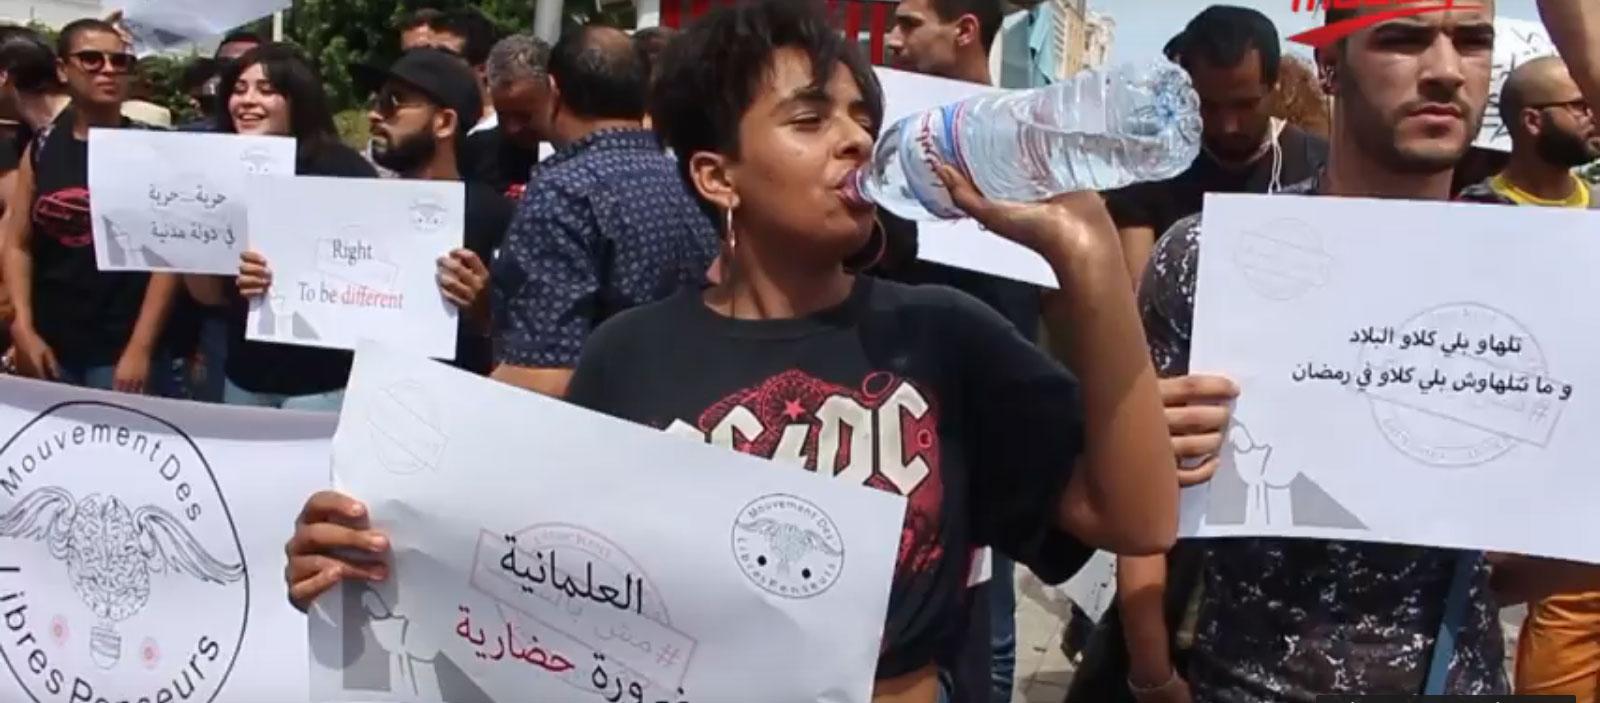 هيئة حقوق الإنسان تؤكد: التجاهر بالإفطار ليس جريمة